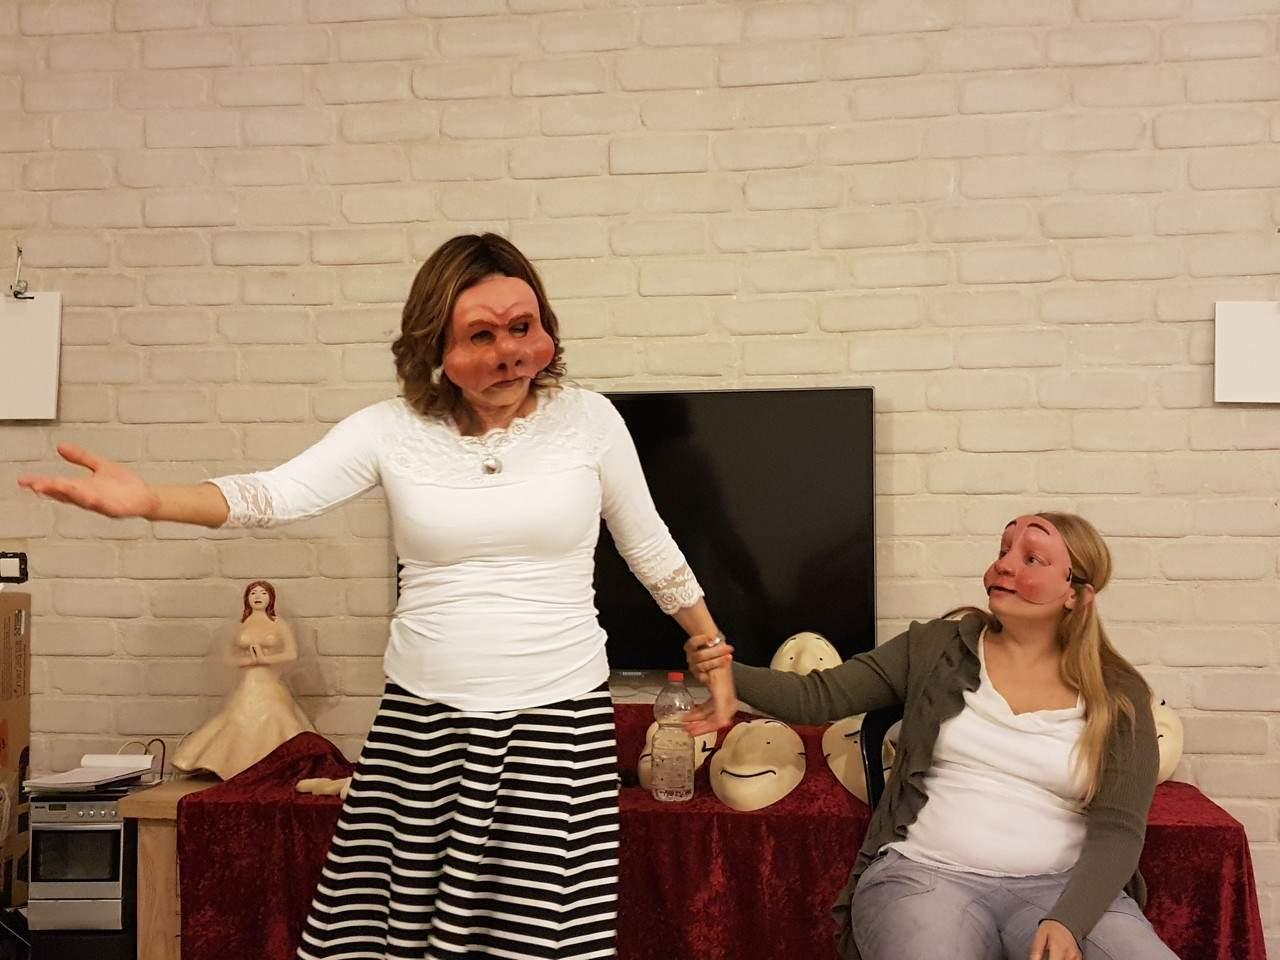 שתי נשים חובשות מסכות תאטרון ומתנסות במשחק תפקידים על שירות ומכירה- מנחה דליה סגל